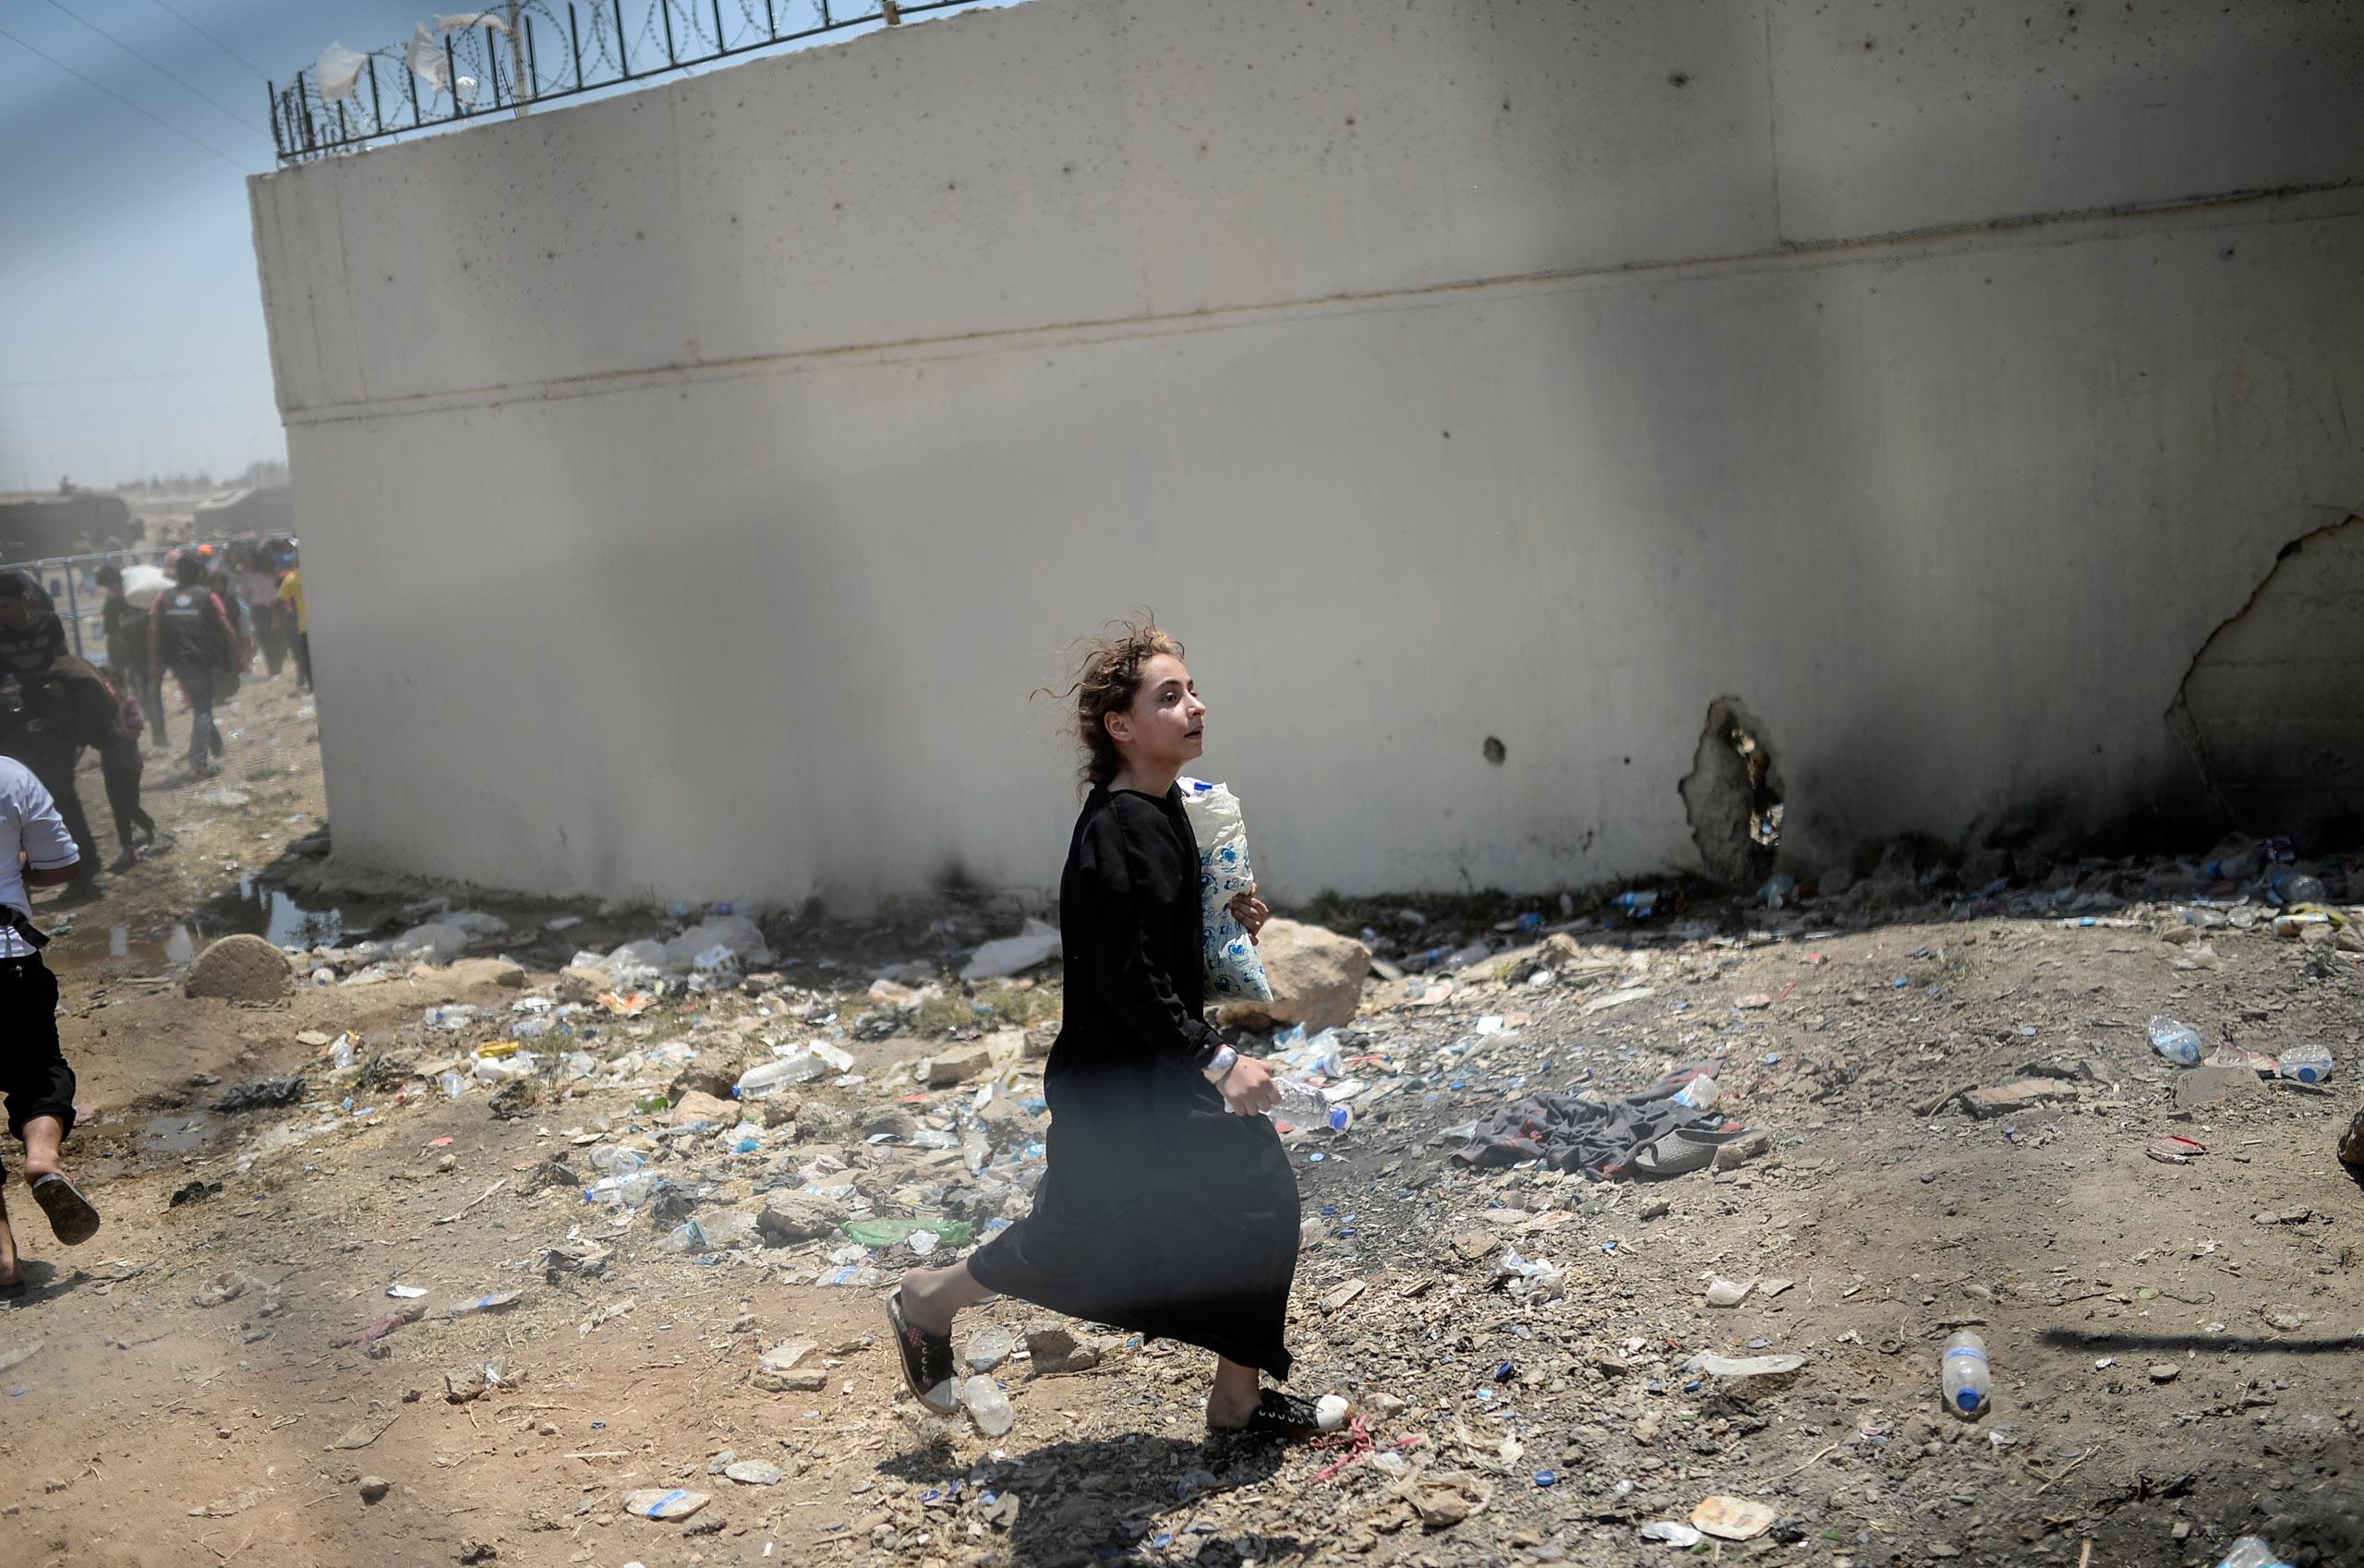 A Syrian woman walks through the crossing gate in Akçakale, in the Şanlıurfa province of Turkey. June 15, 2015.